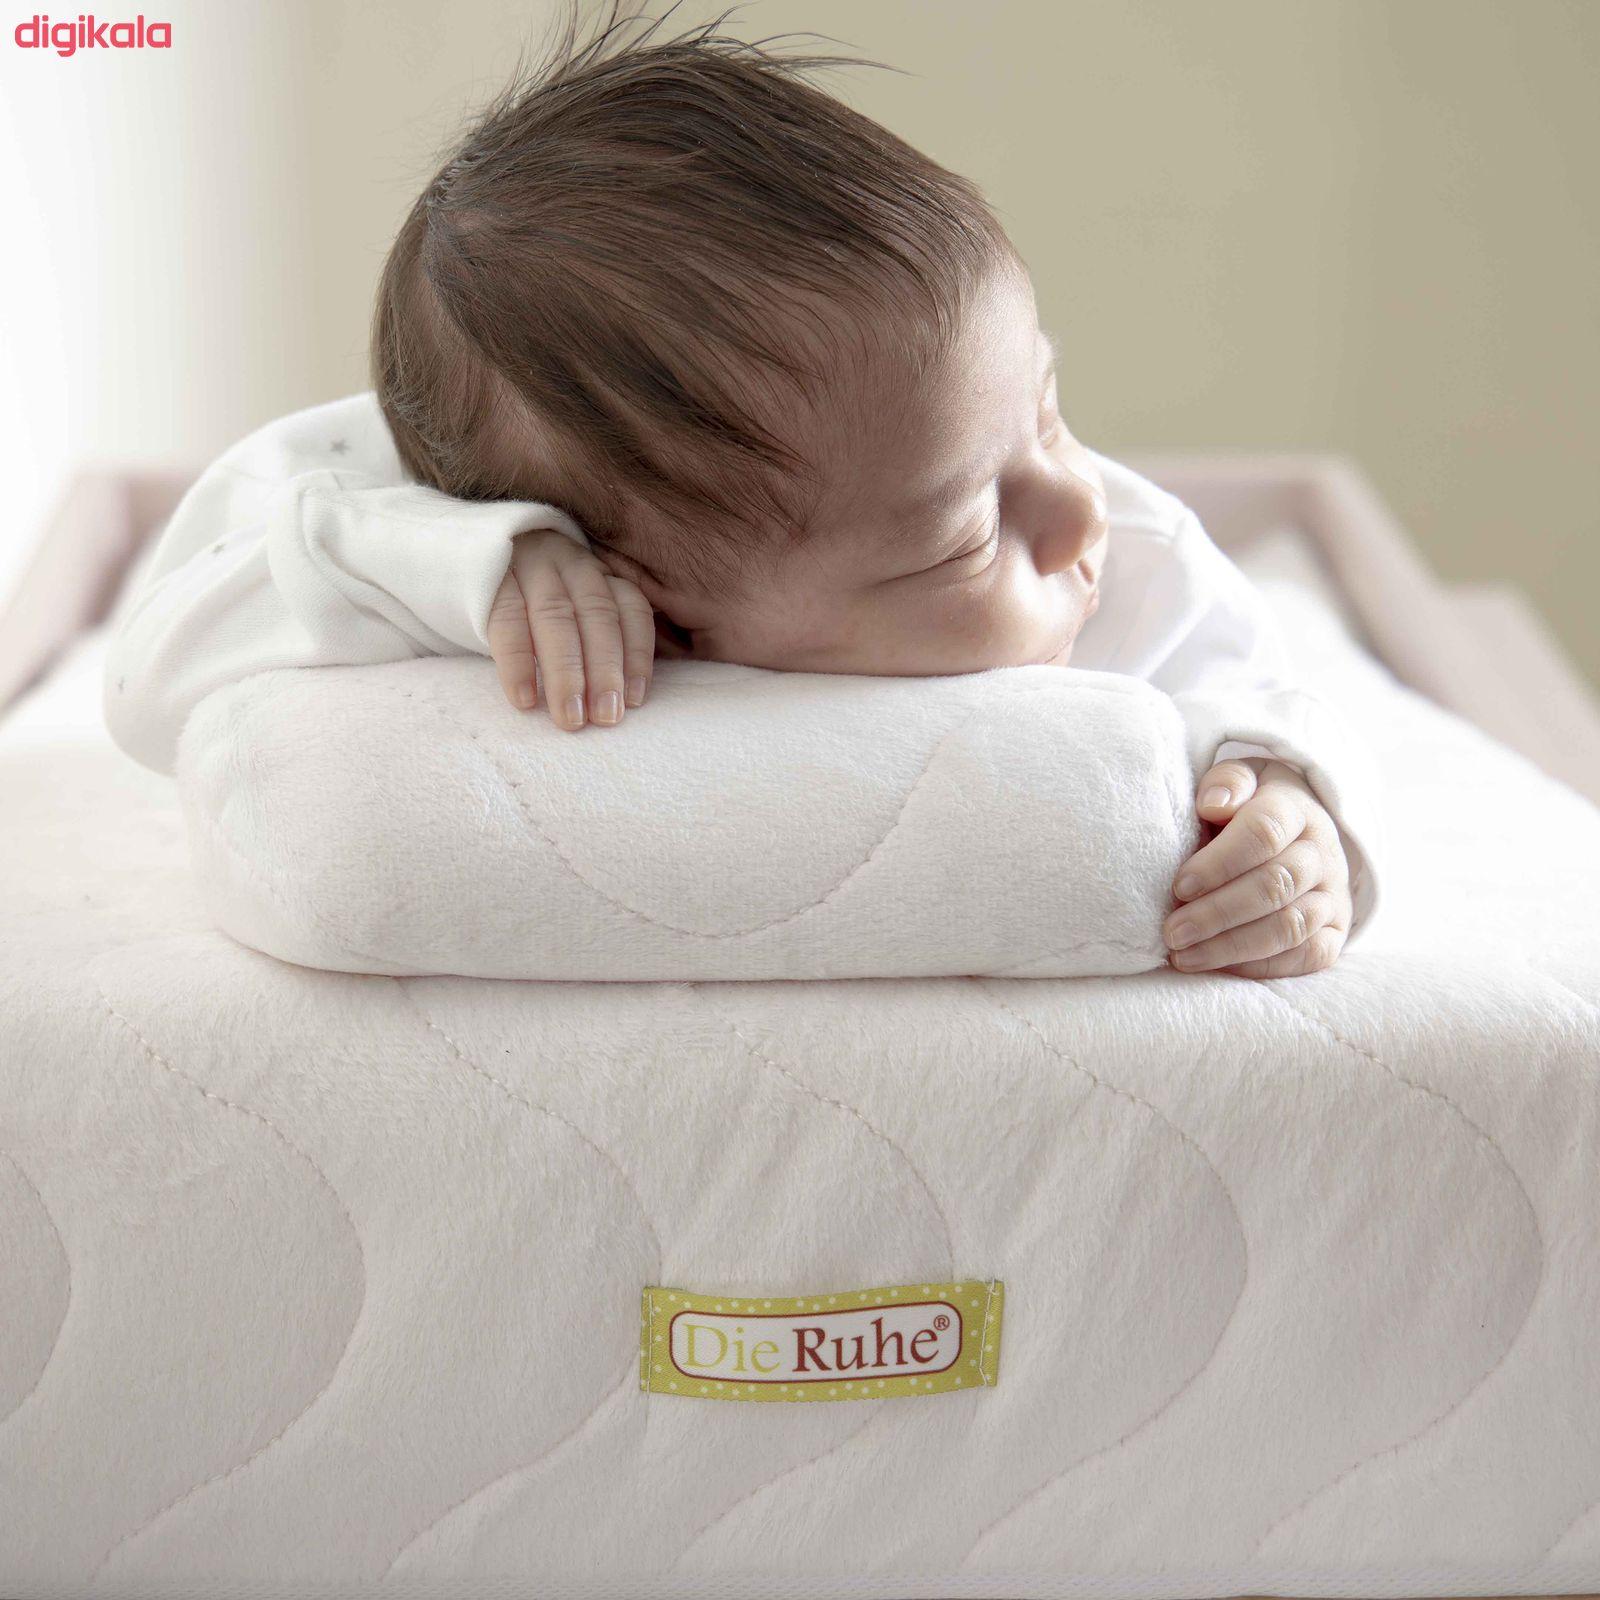 تشک آنتی رفلاکس کودک دی روحه مدل 12d main 1 7